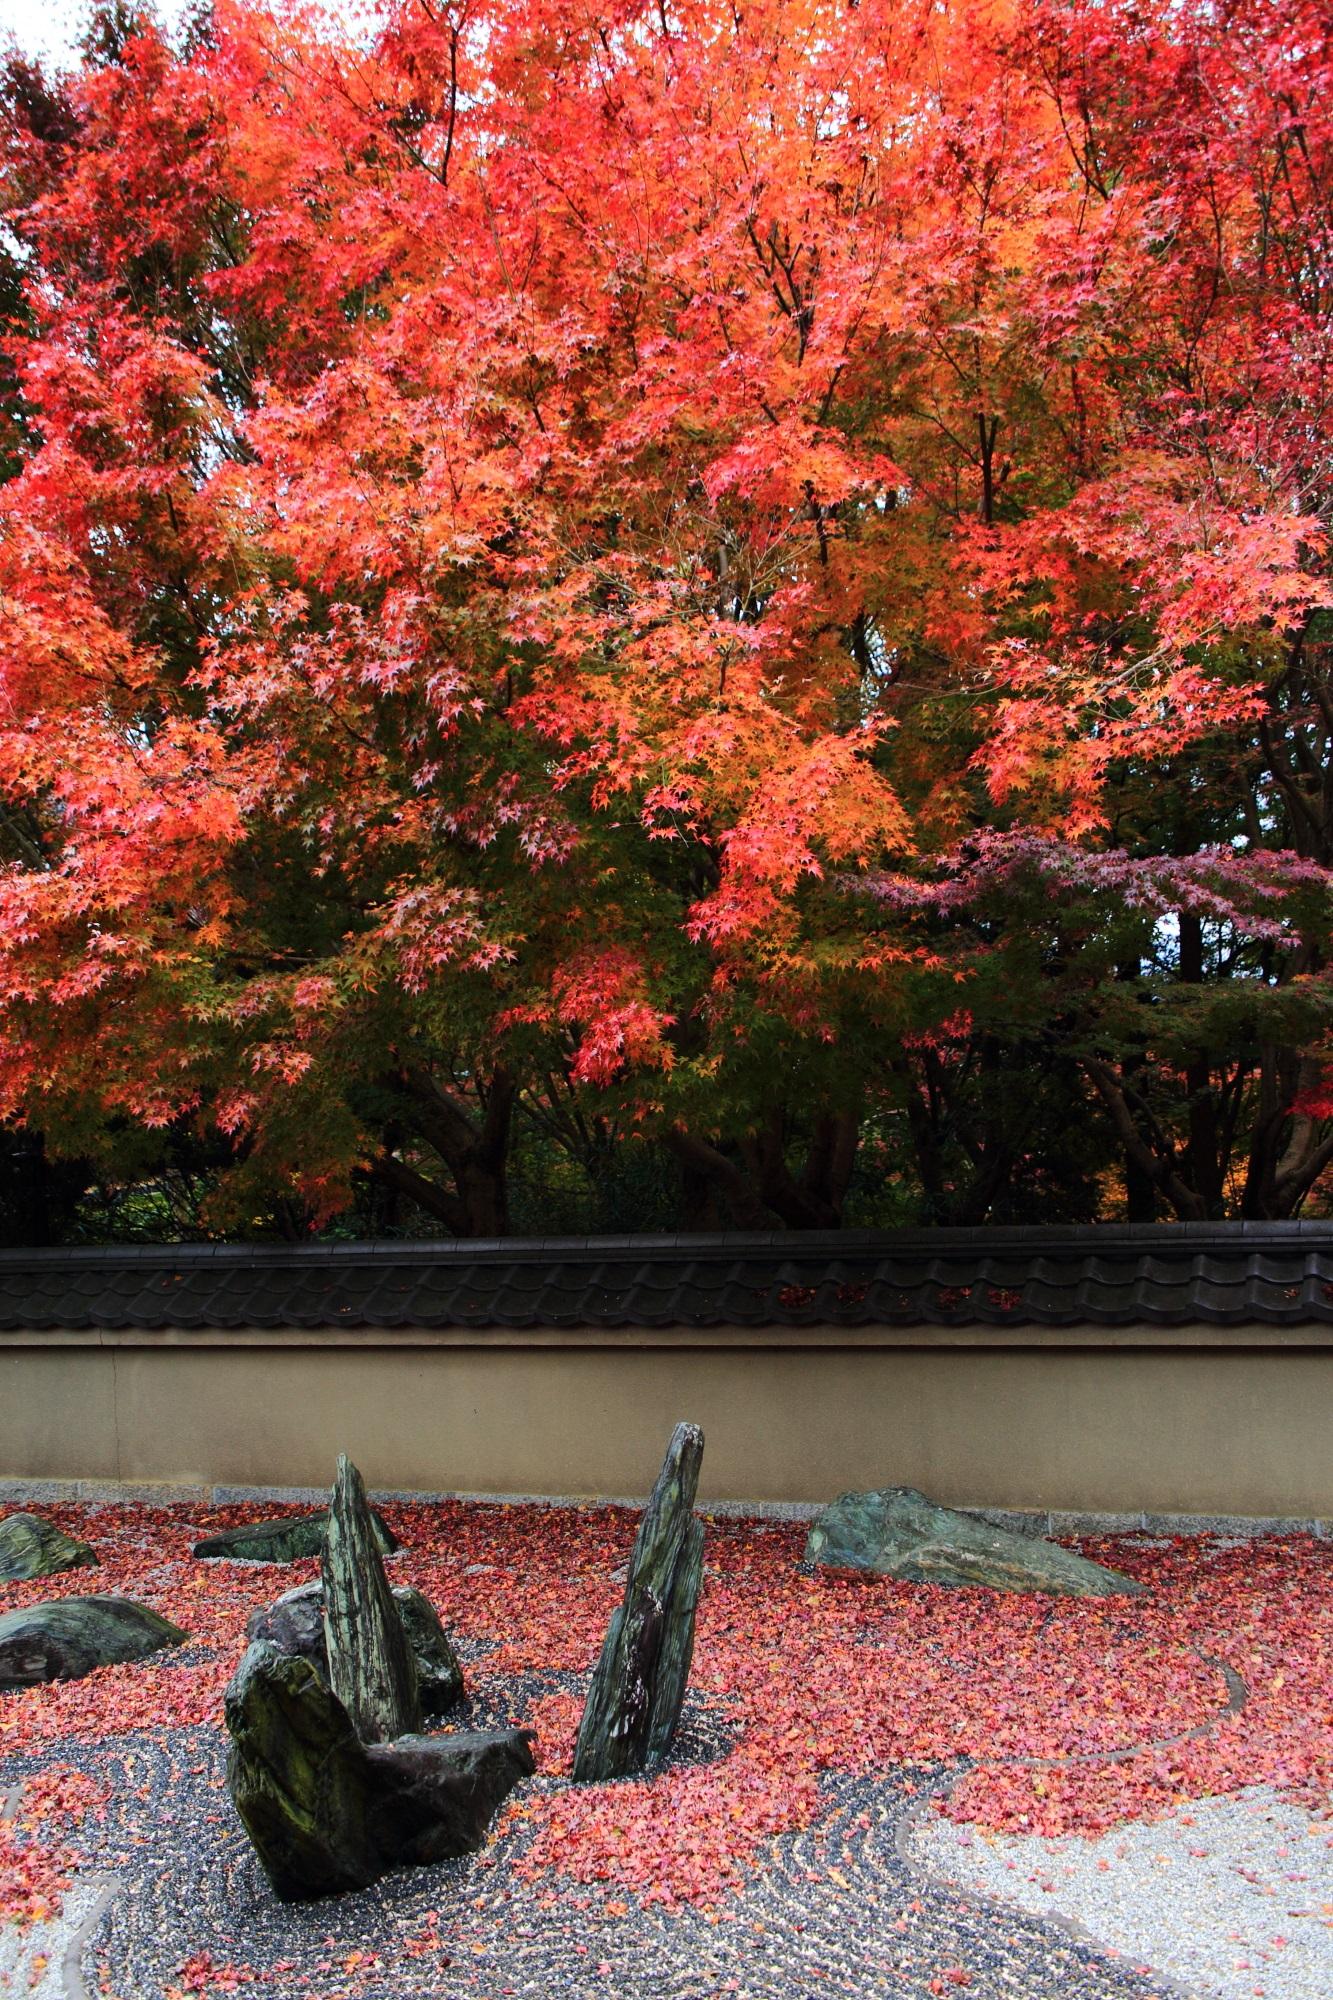 龍吟庵の龍の庭(西庭)の華やかな紅葉と飛び出す龍